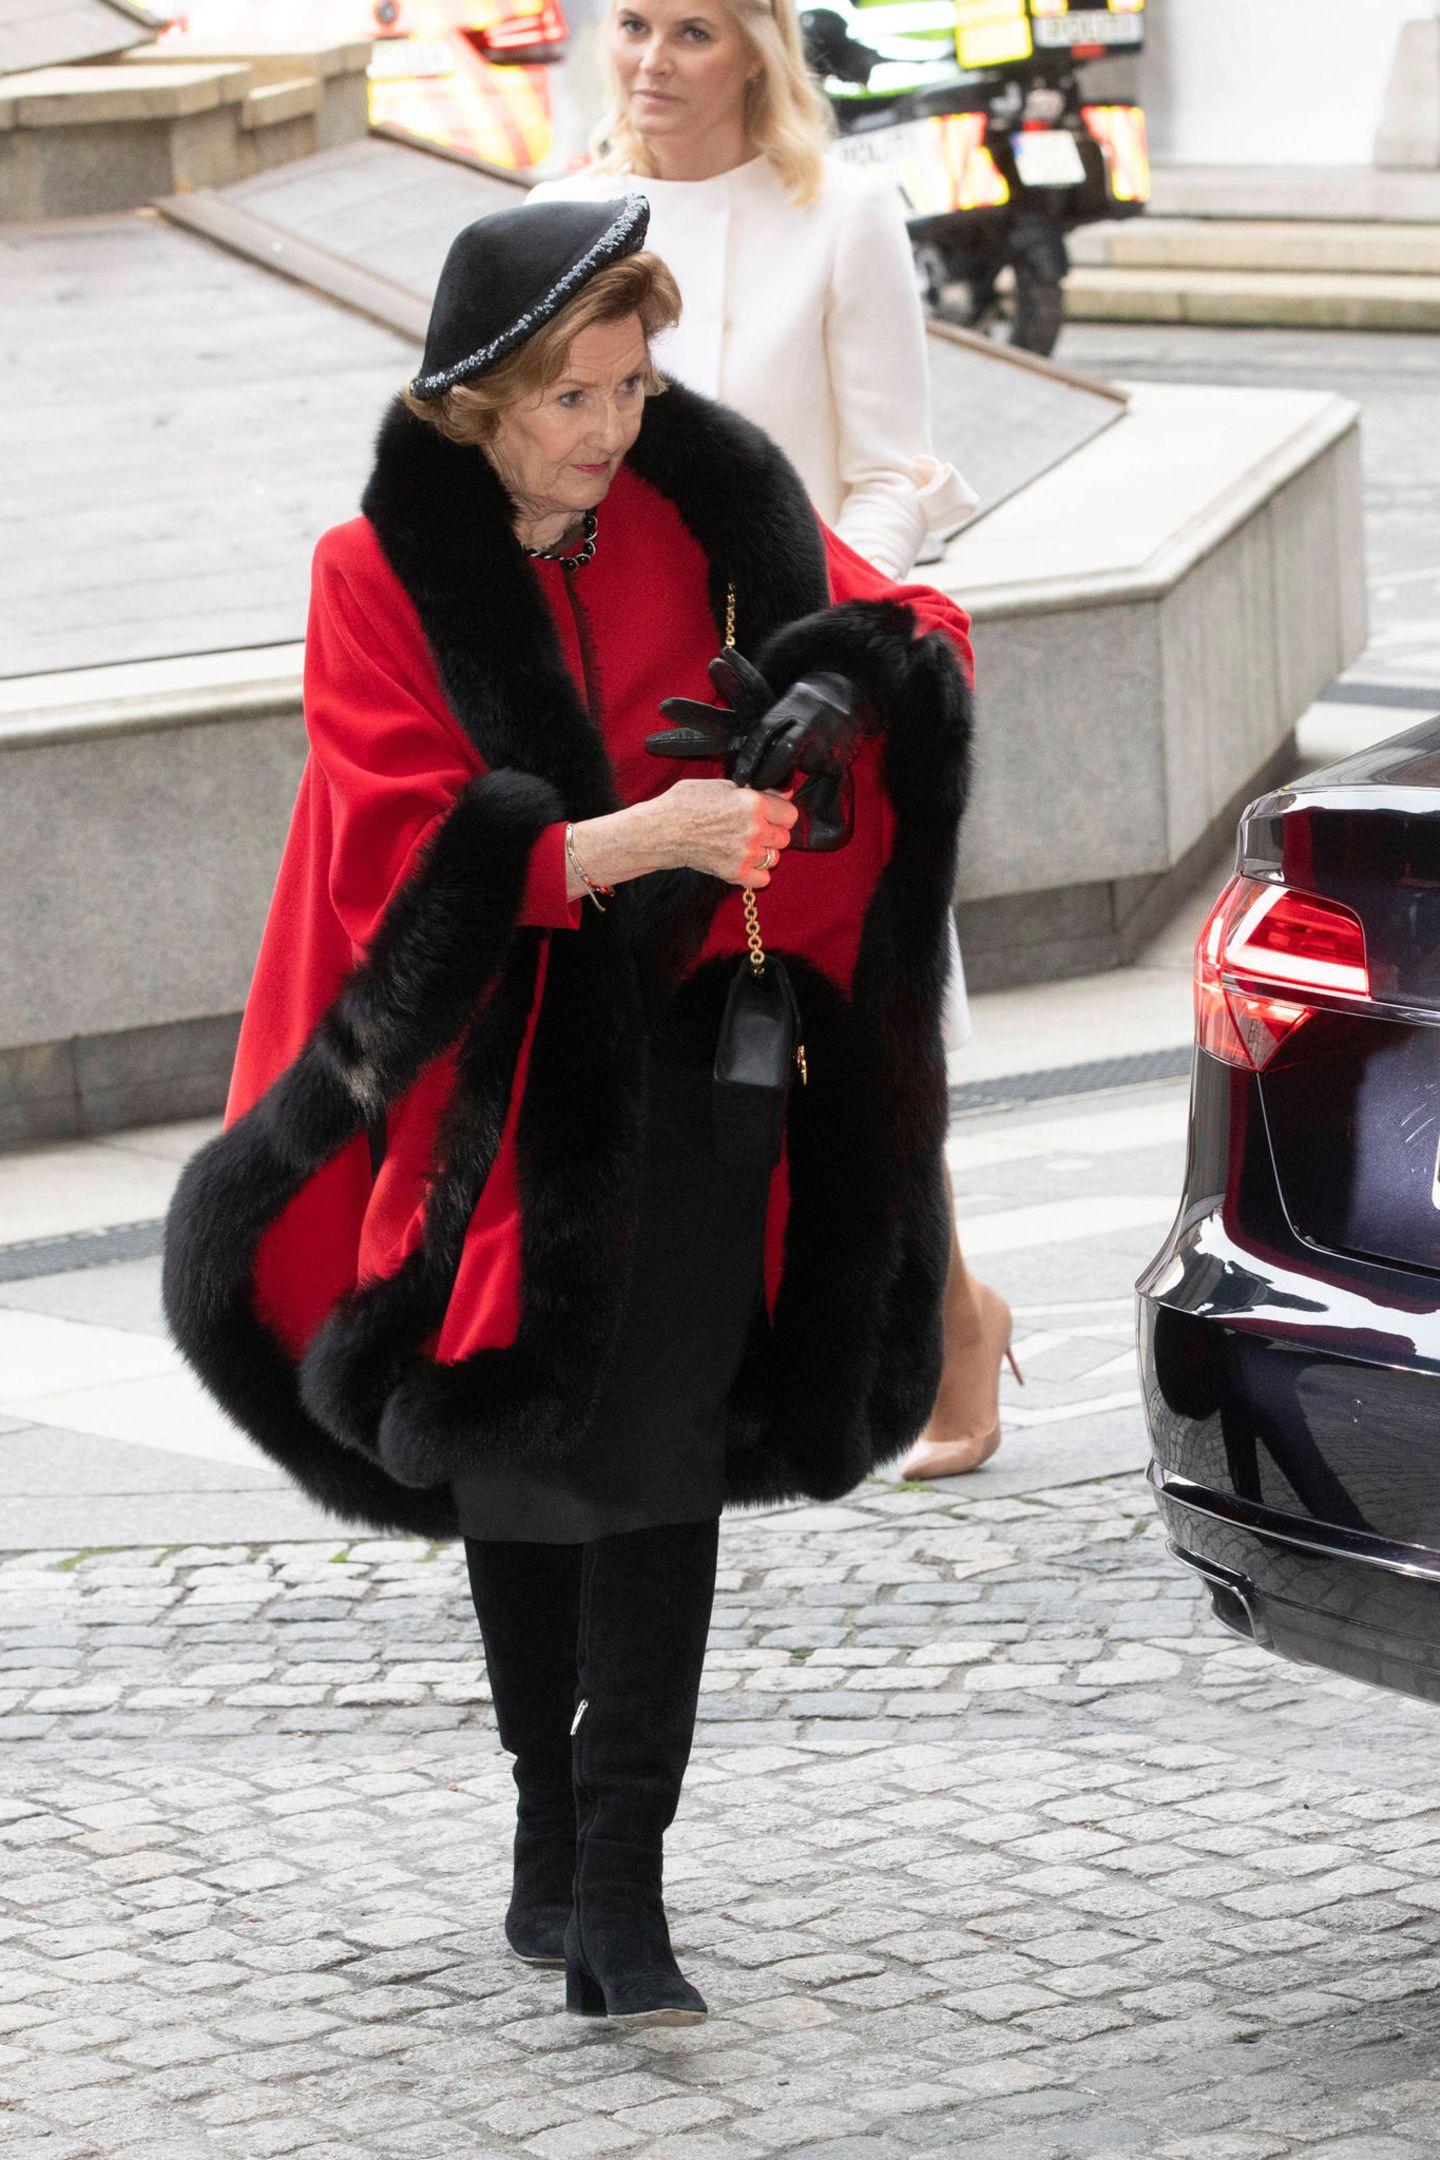 Königin Sonja trägt bei ihrer Ankunft im Rathaus von Oslo einen roten Mantel mit Pelzbesatz und Hut.